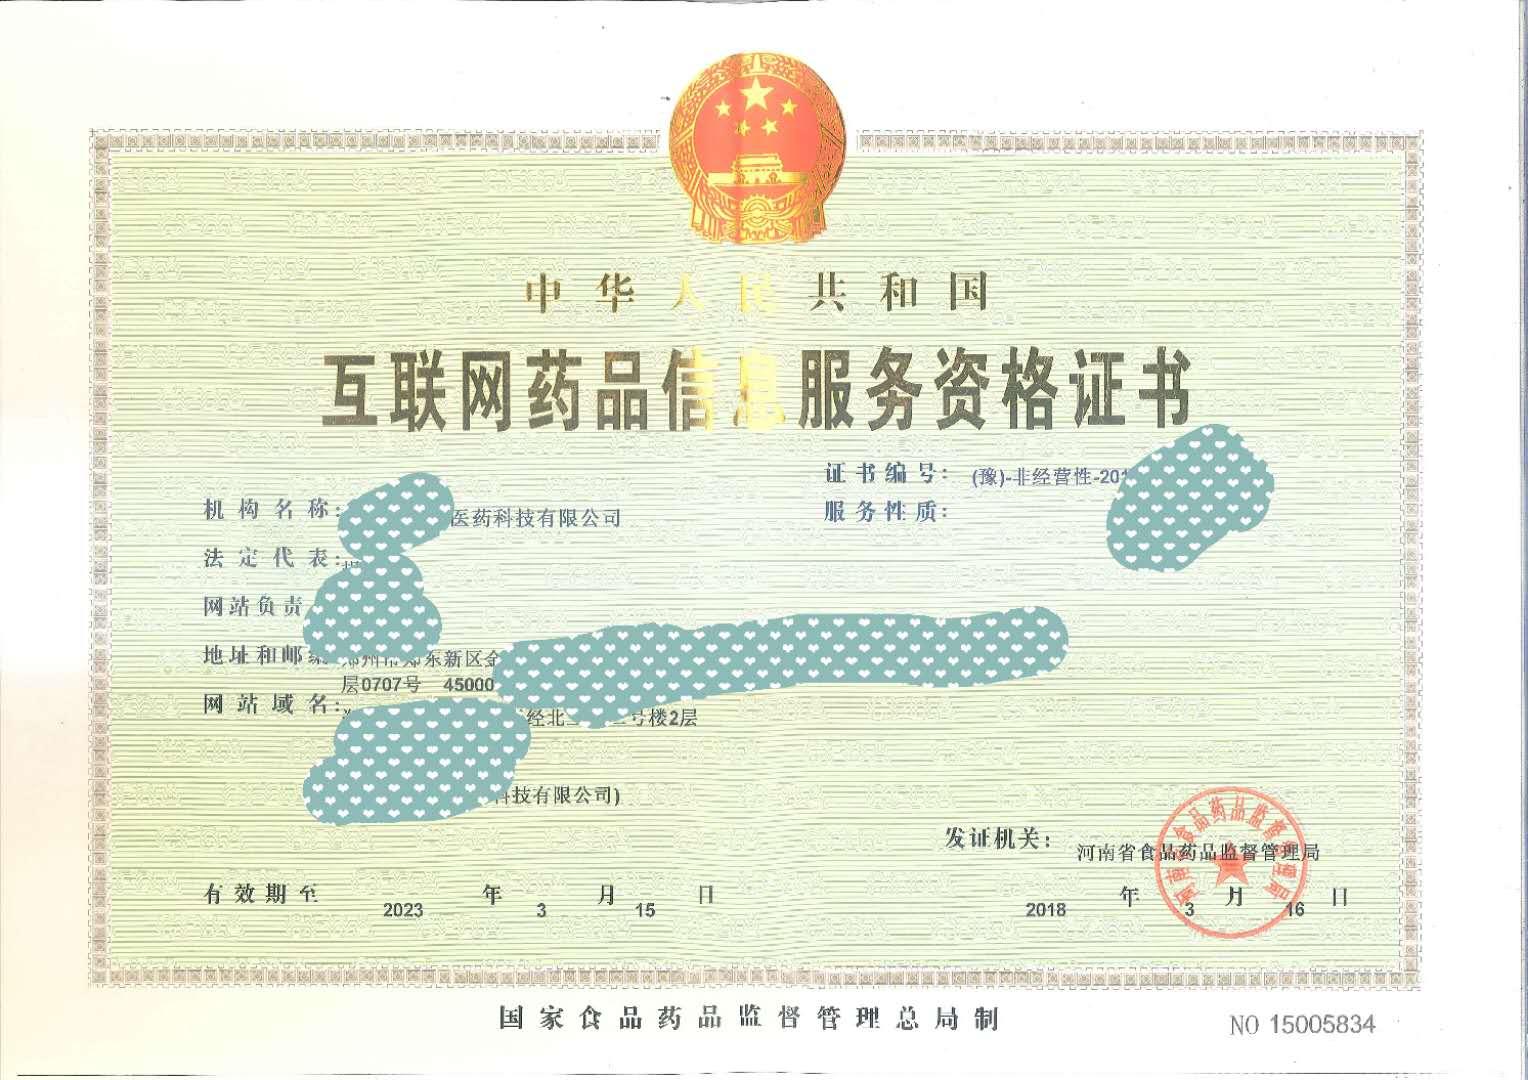 互联网药品信息服务许可证申办材料